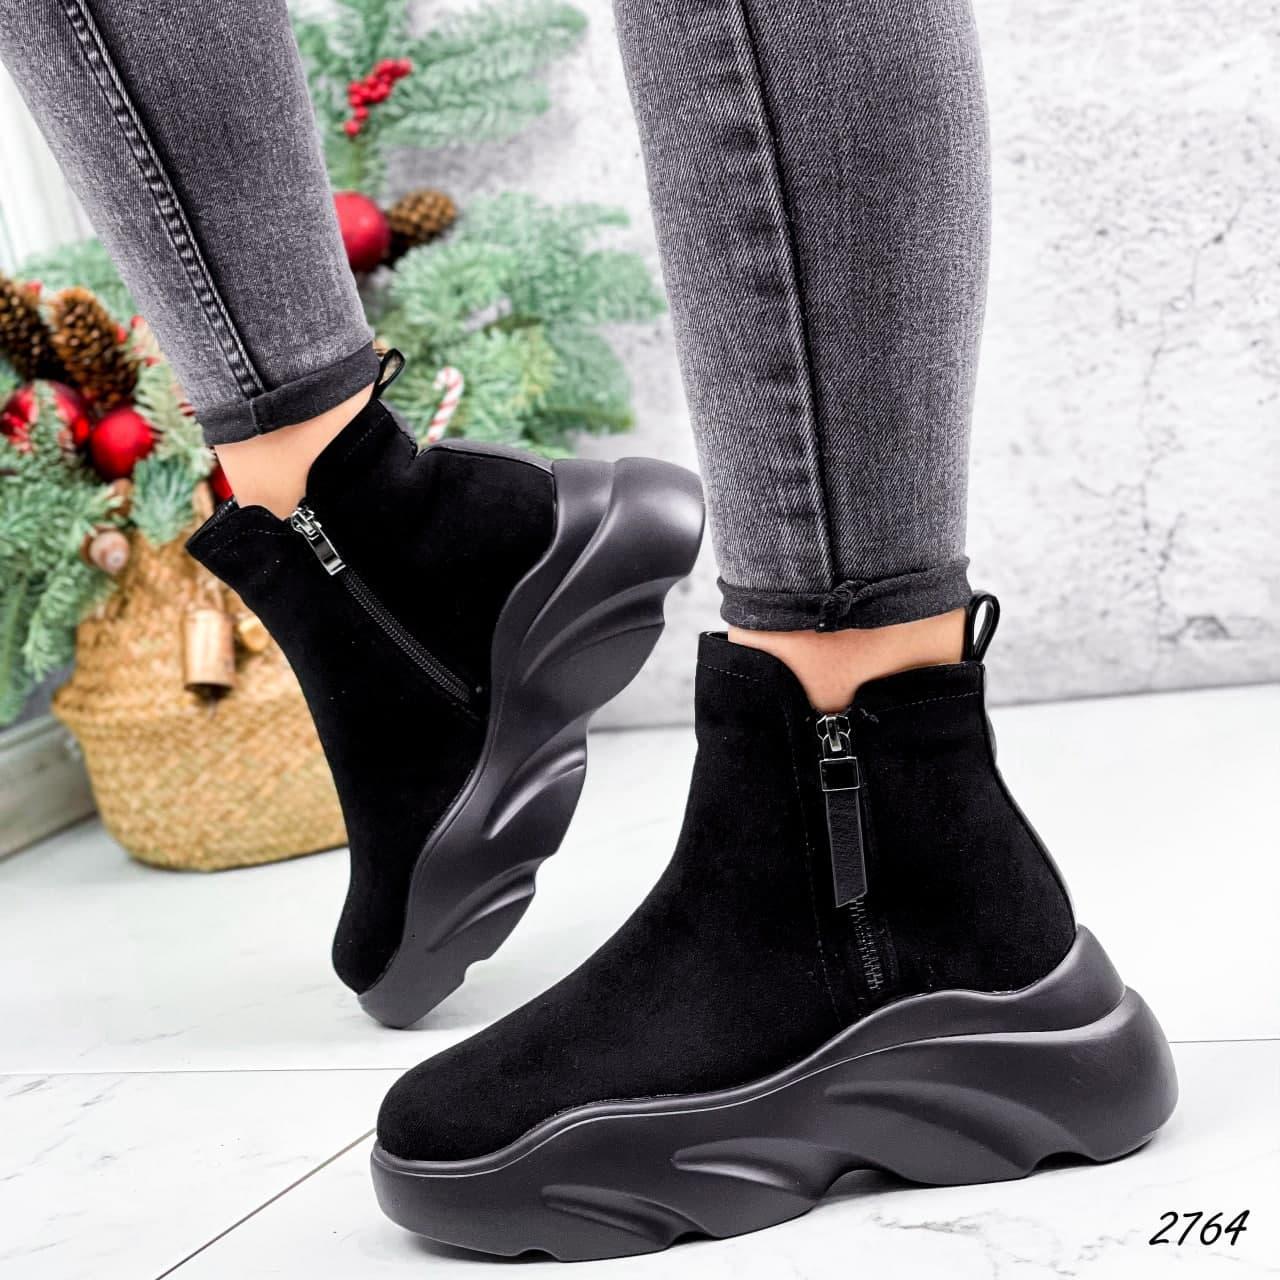 Ботинки женские черные, зимние из эко замши. Черевики жіночі теплі чорні на платформі